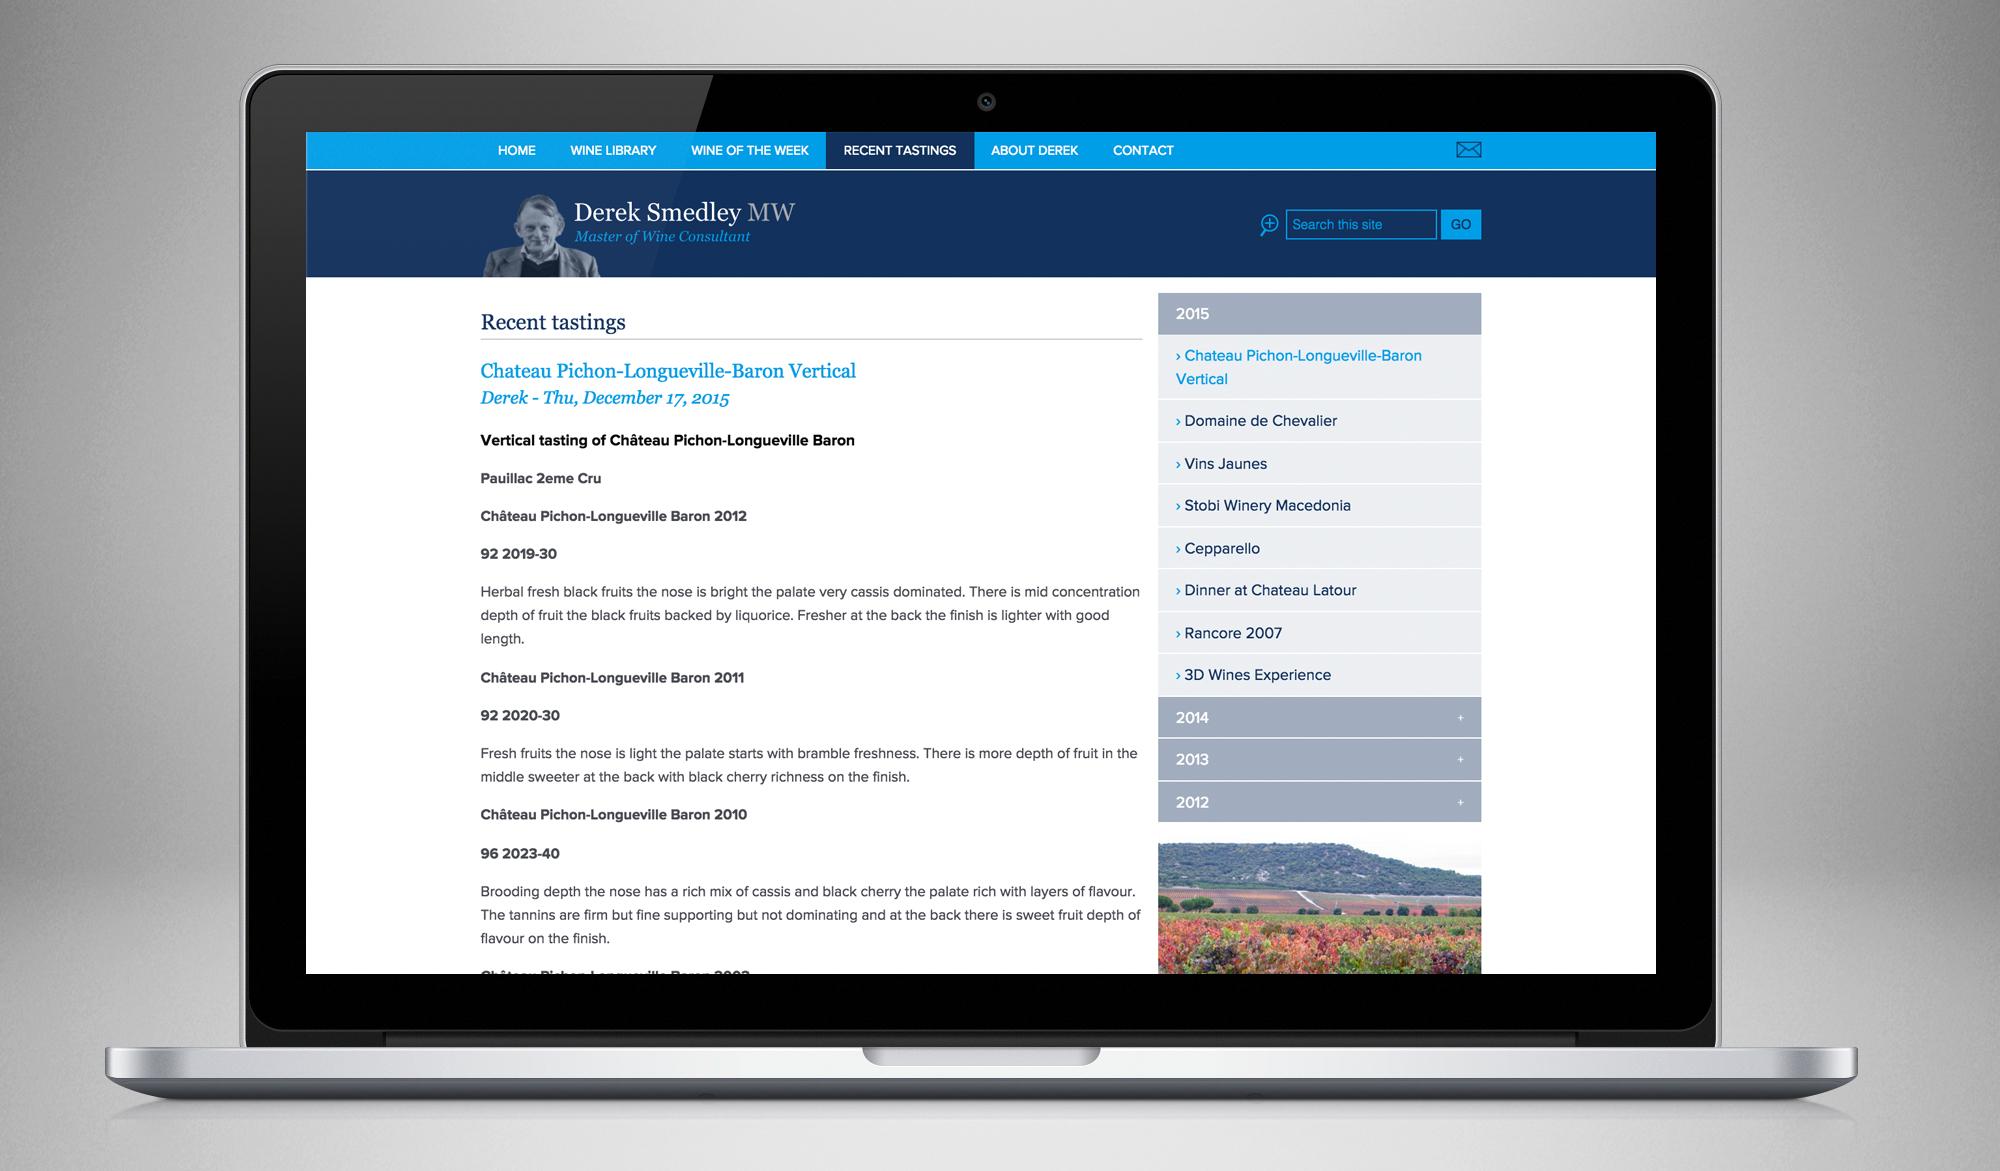 Derek Smedley website